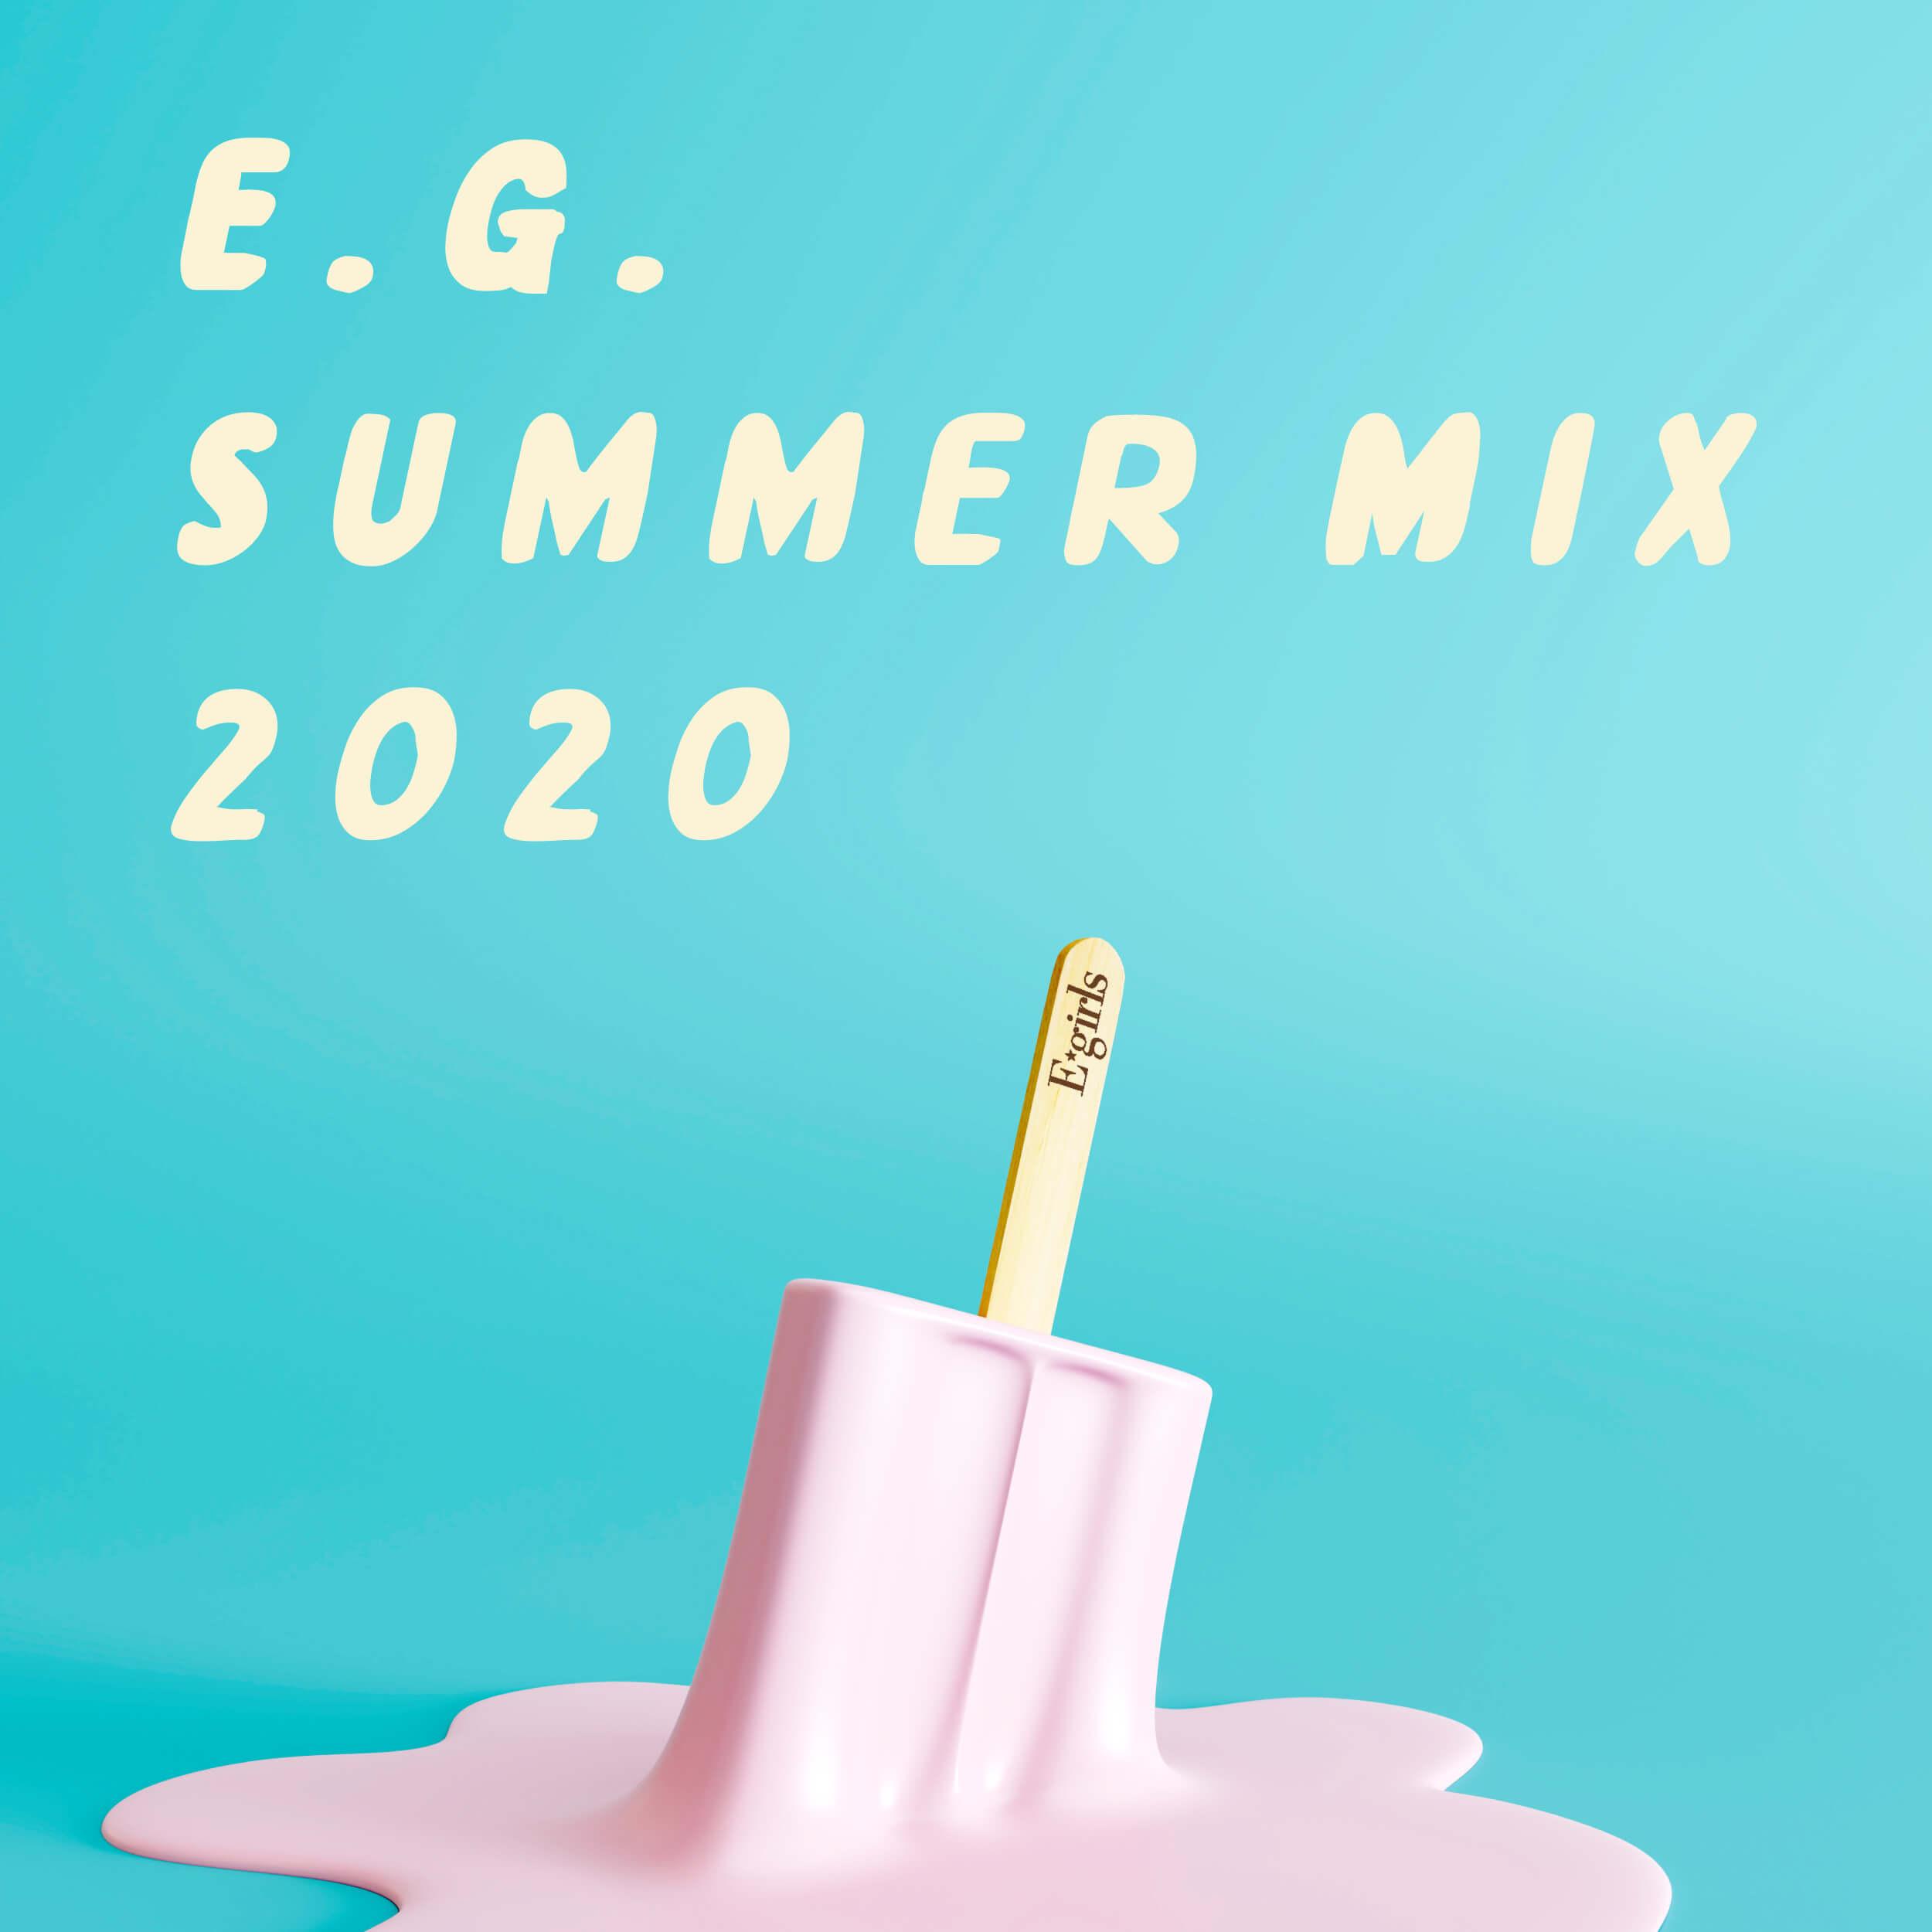 E.G. SUMMER MIX 2020